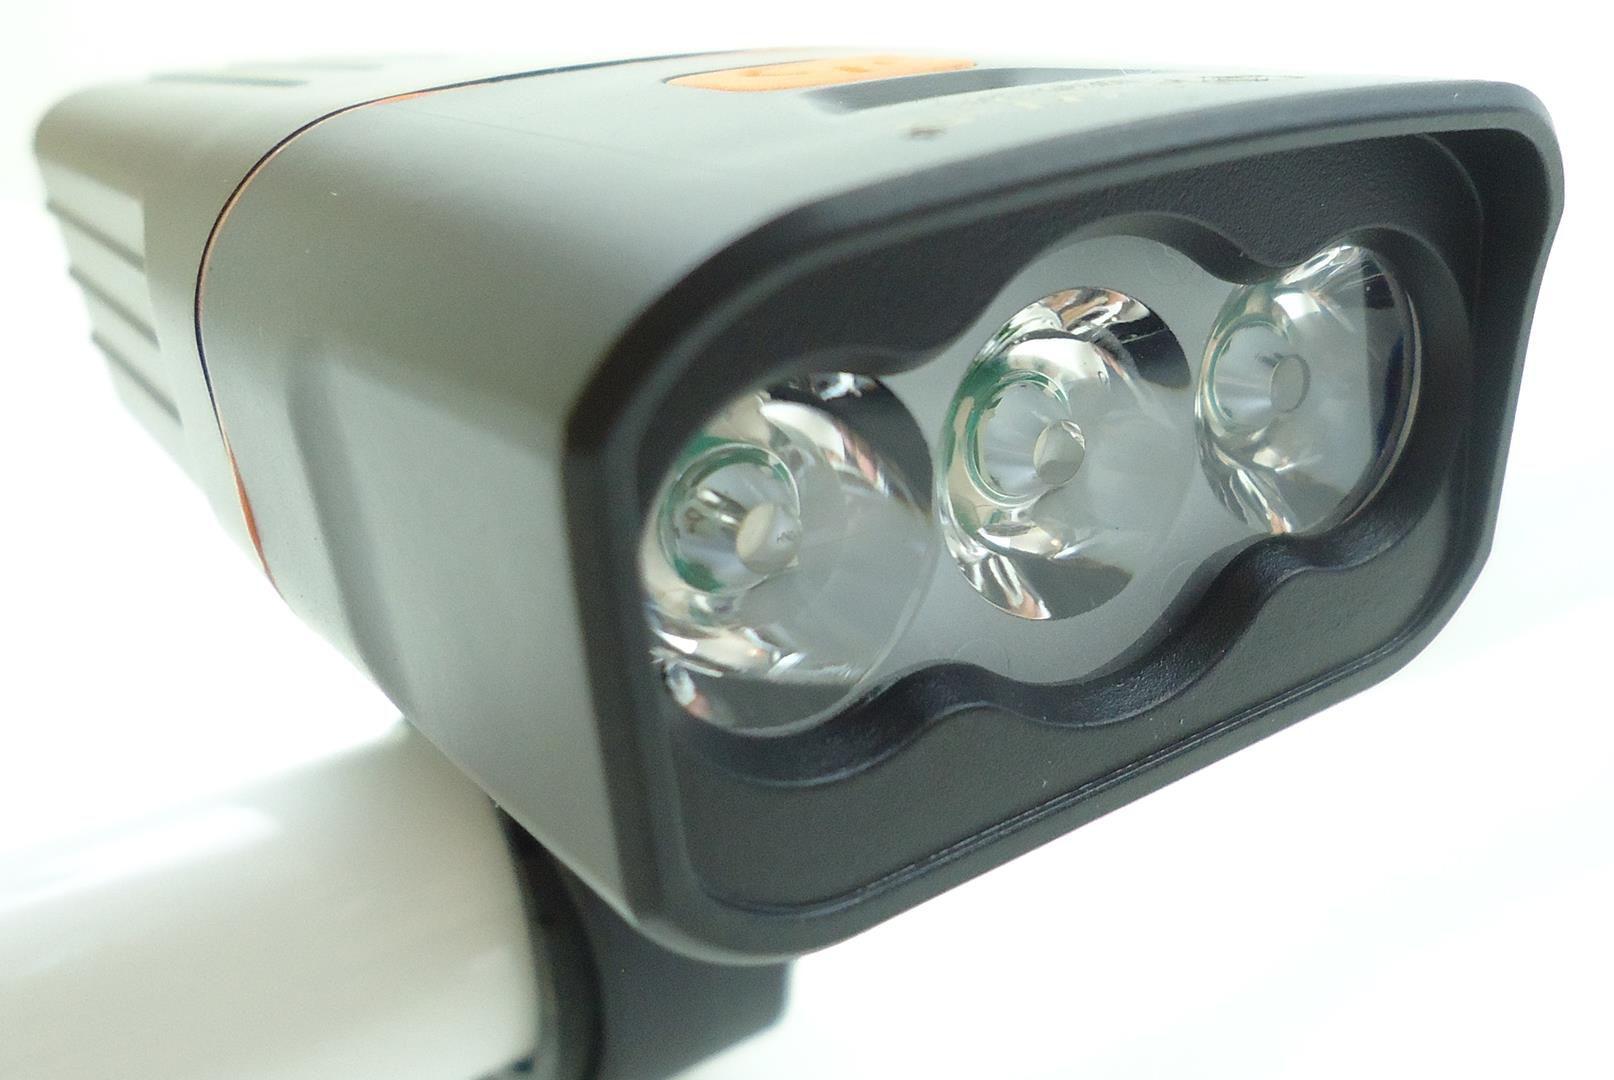 Lanterna Farol Dianteiro para Bicicleta JWS WS-151 3 Super Leds 500 Lúmens Preto Recarregavél